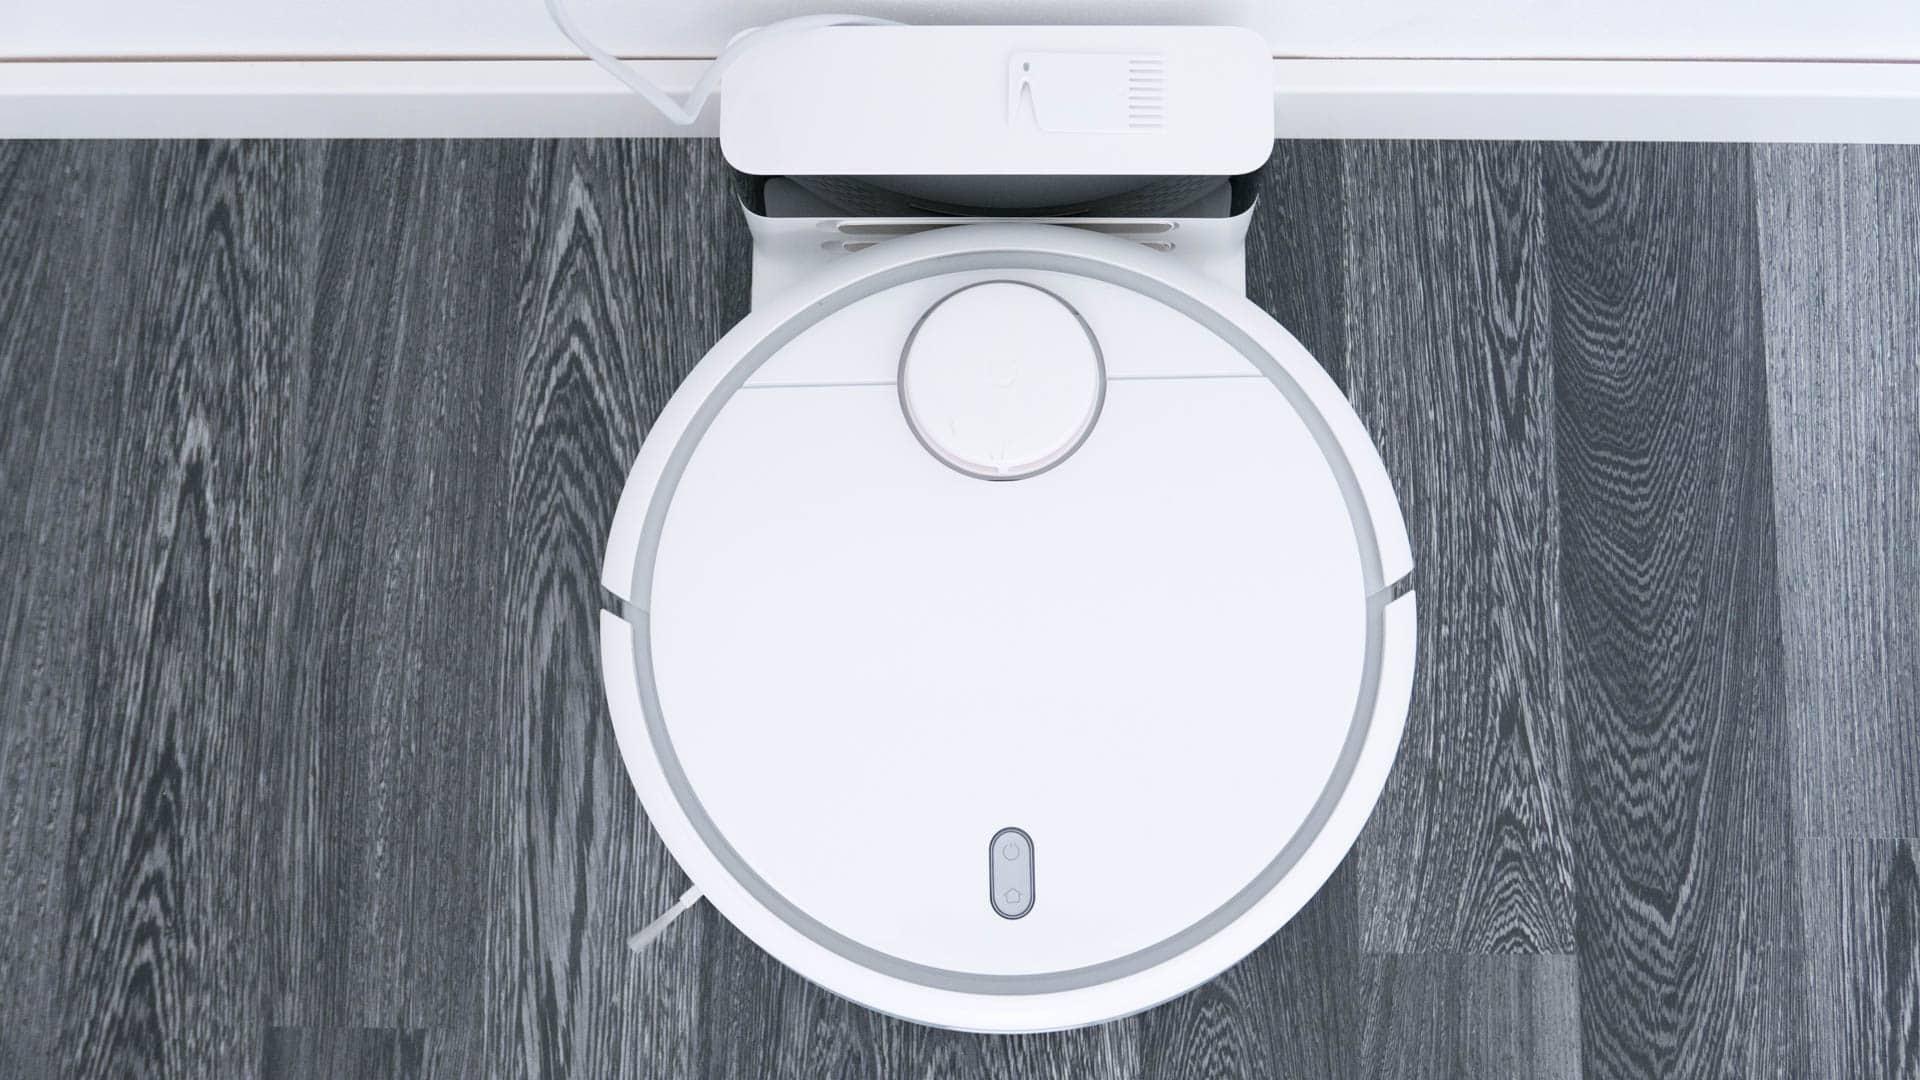 Xiaomi-Mi-Staubsauger-Roboter-im-Test-oben-mit-Station